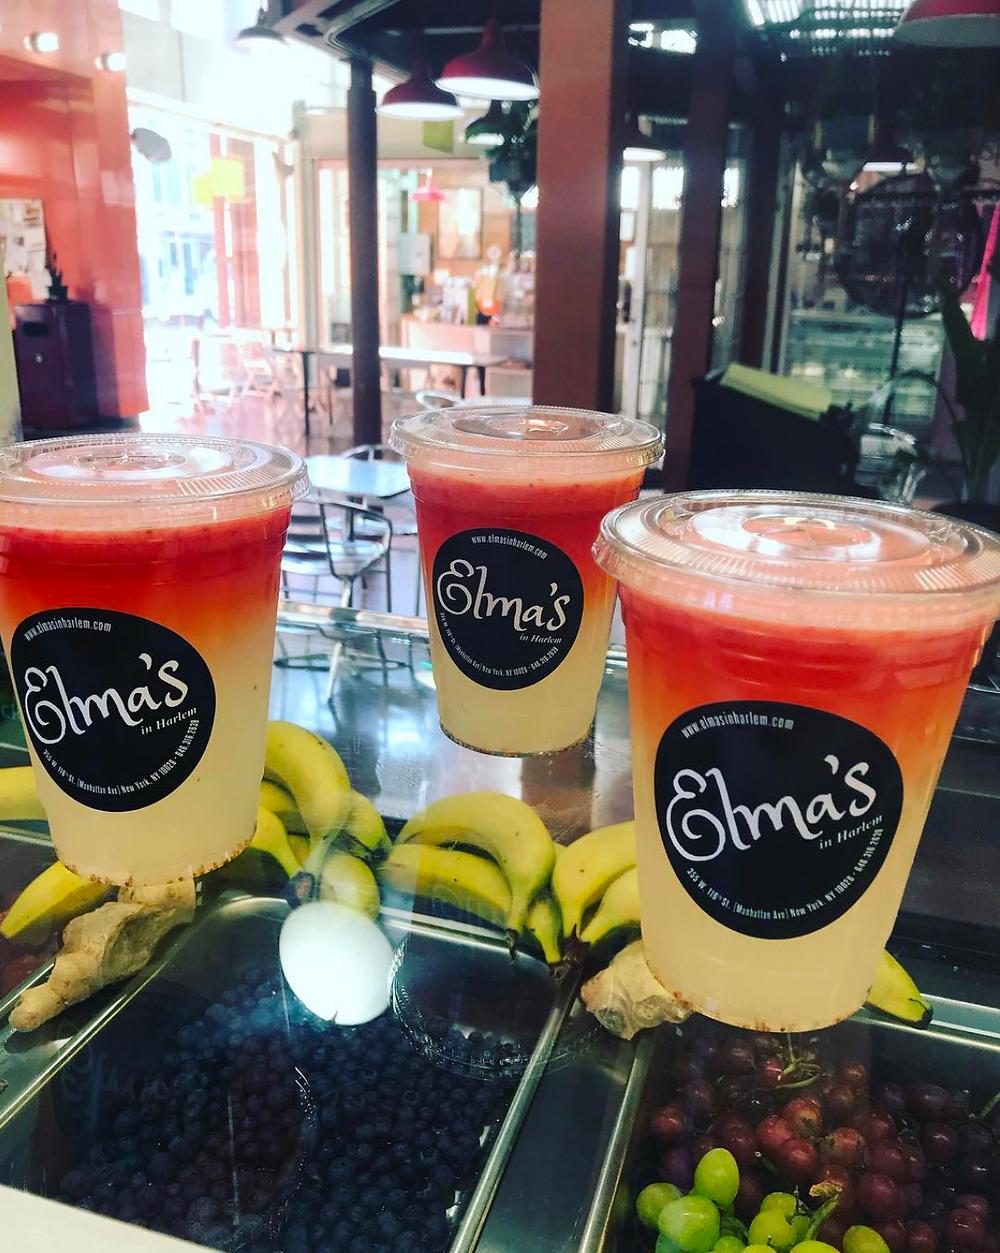 The new location of Elma's in La Marqueta